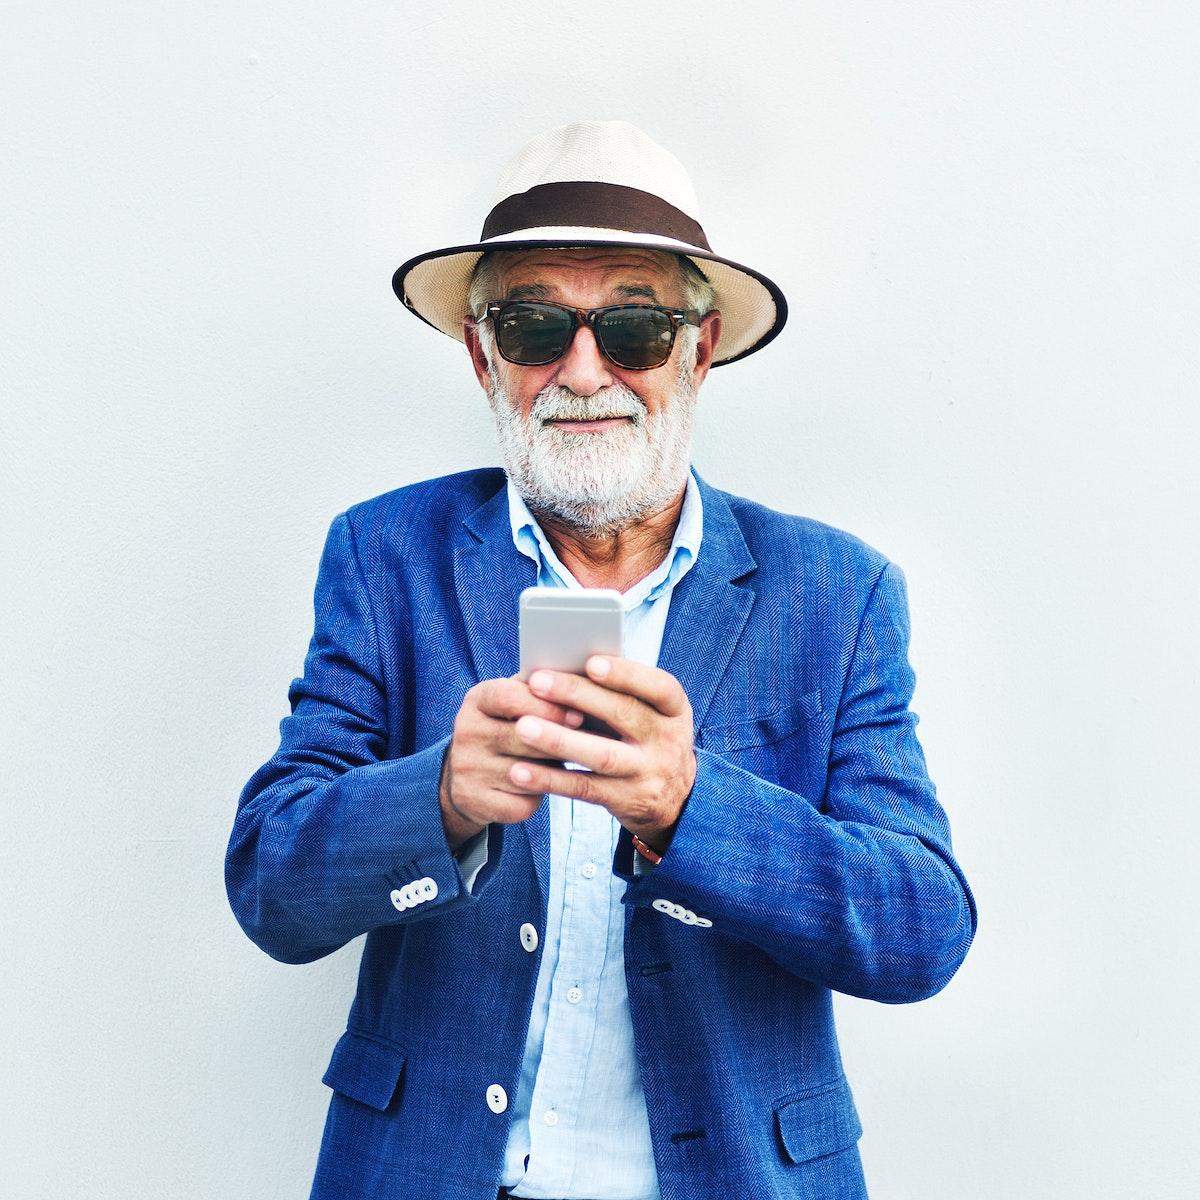 Senior caucasian man using mobile phone